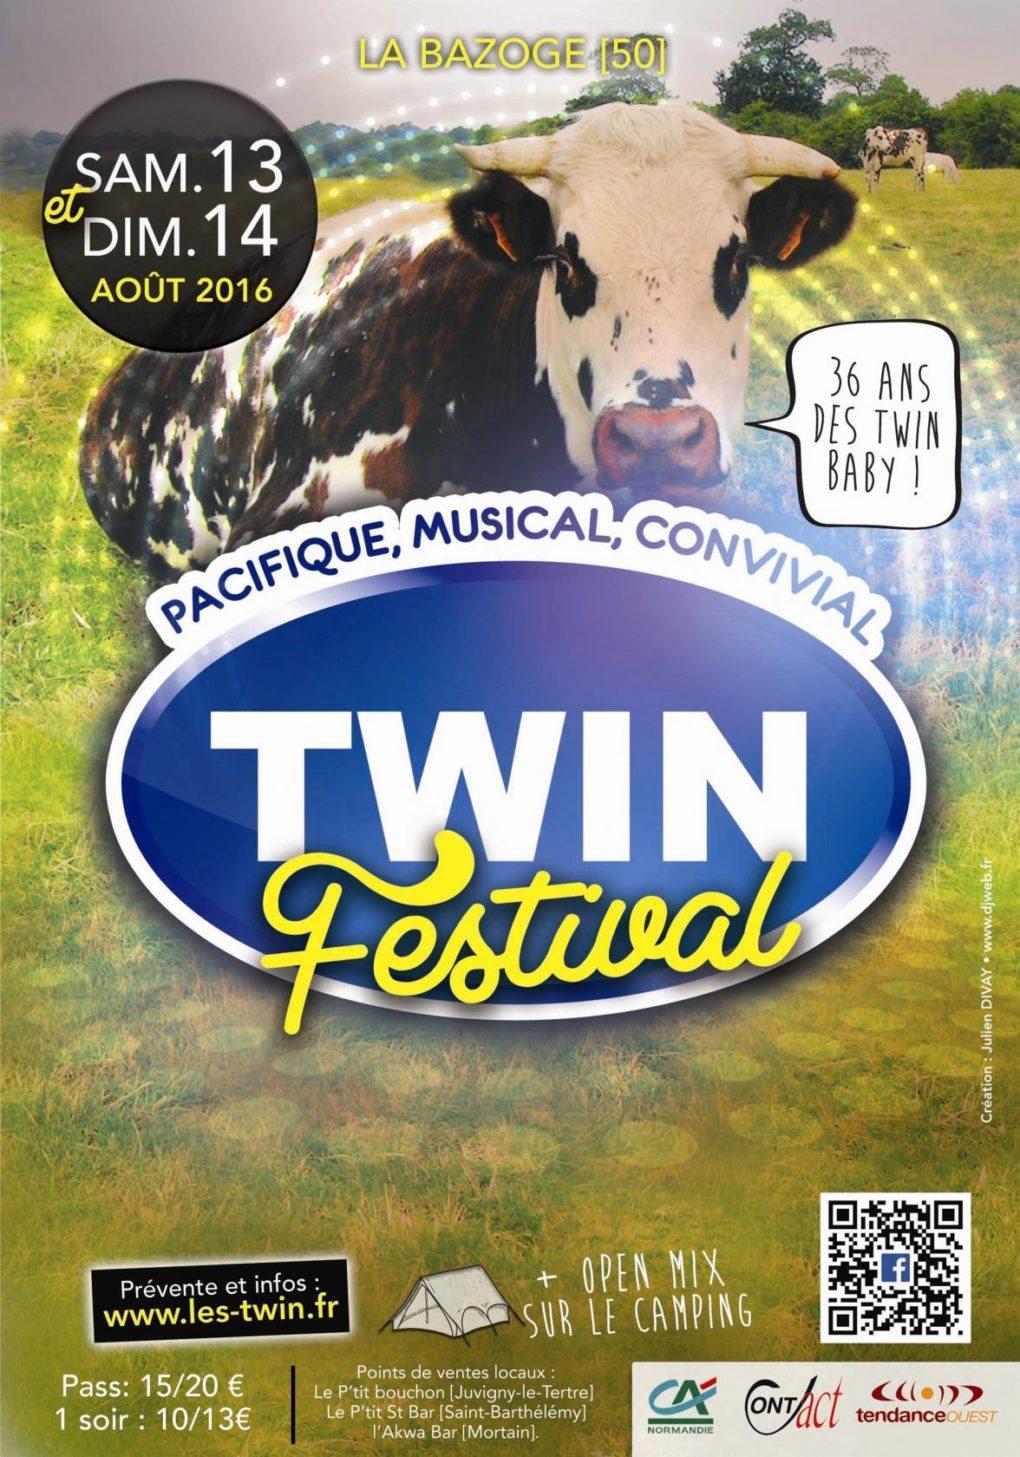 Twin festival La Bazoge